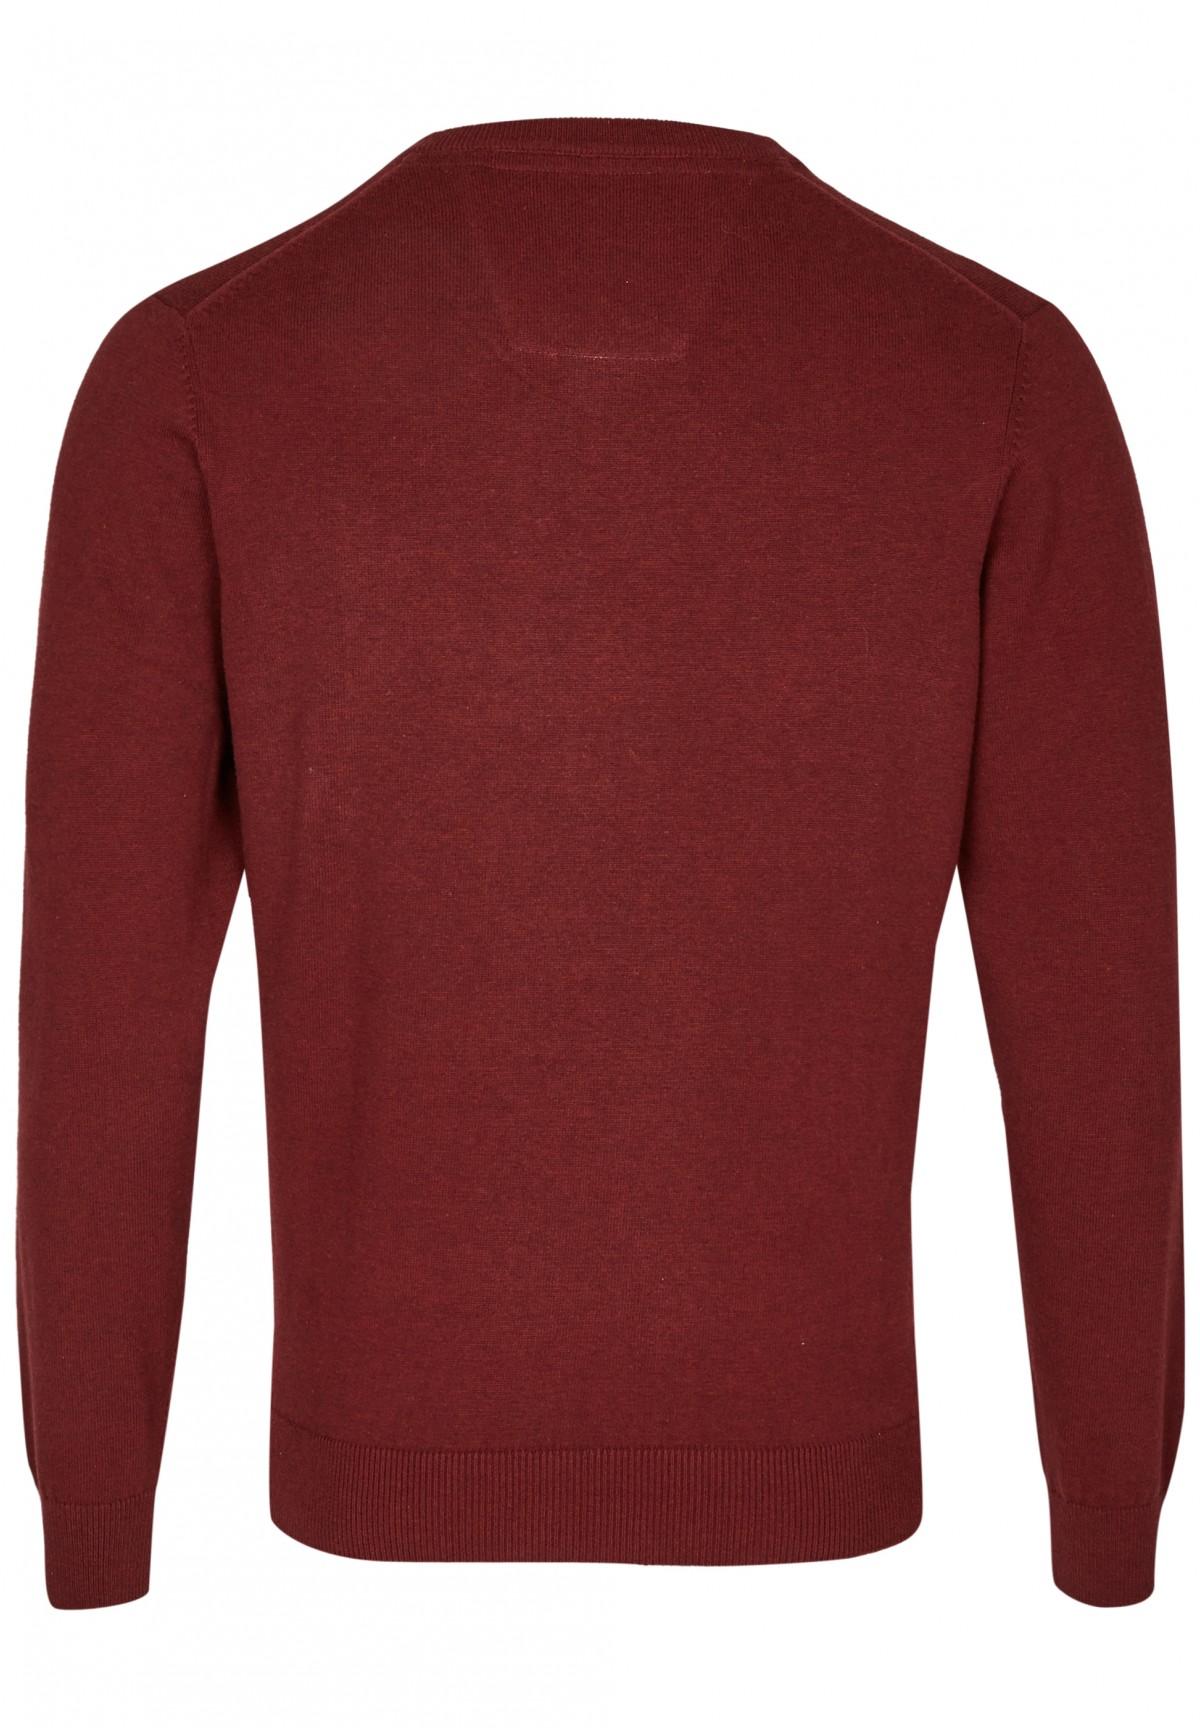 Essential-Pullover mit V-Ausschnitt / Essential-Pullover